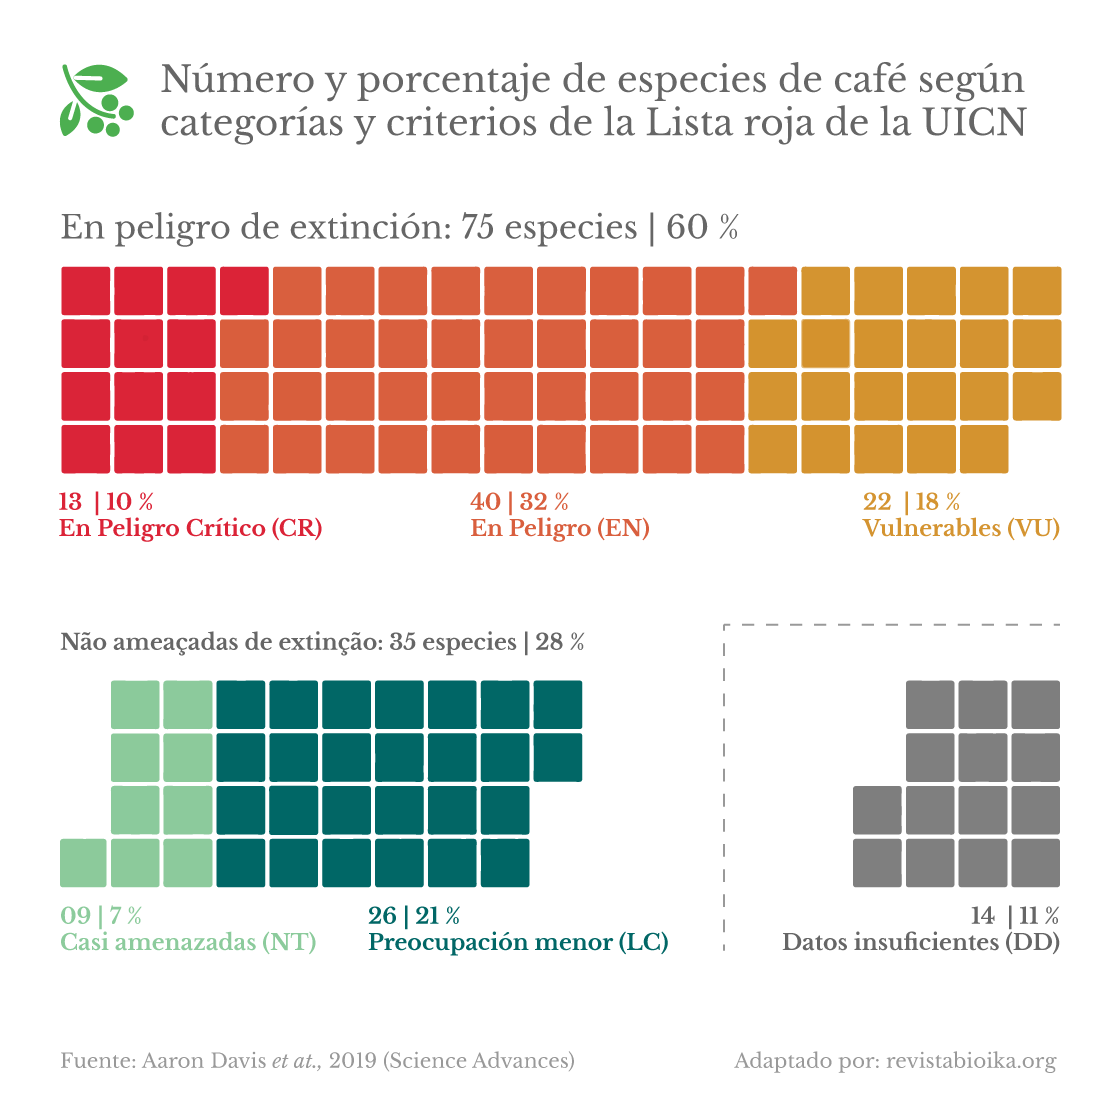 Número y porcentaje de especies de café según categorías y criterios de la Lista roja de la UICN